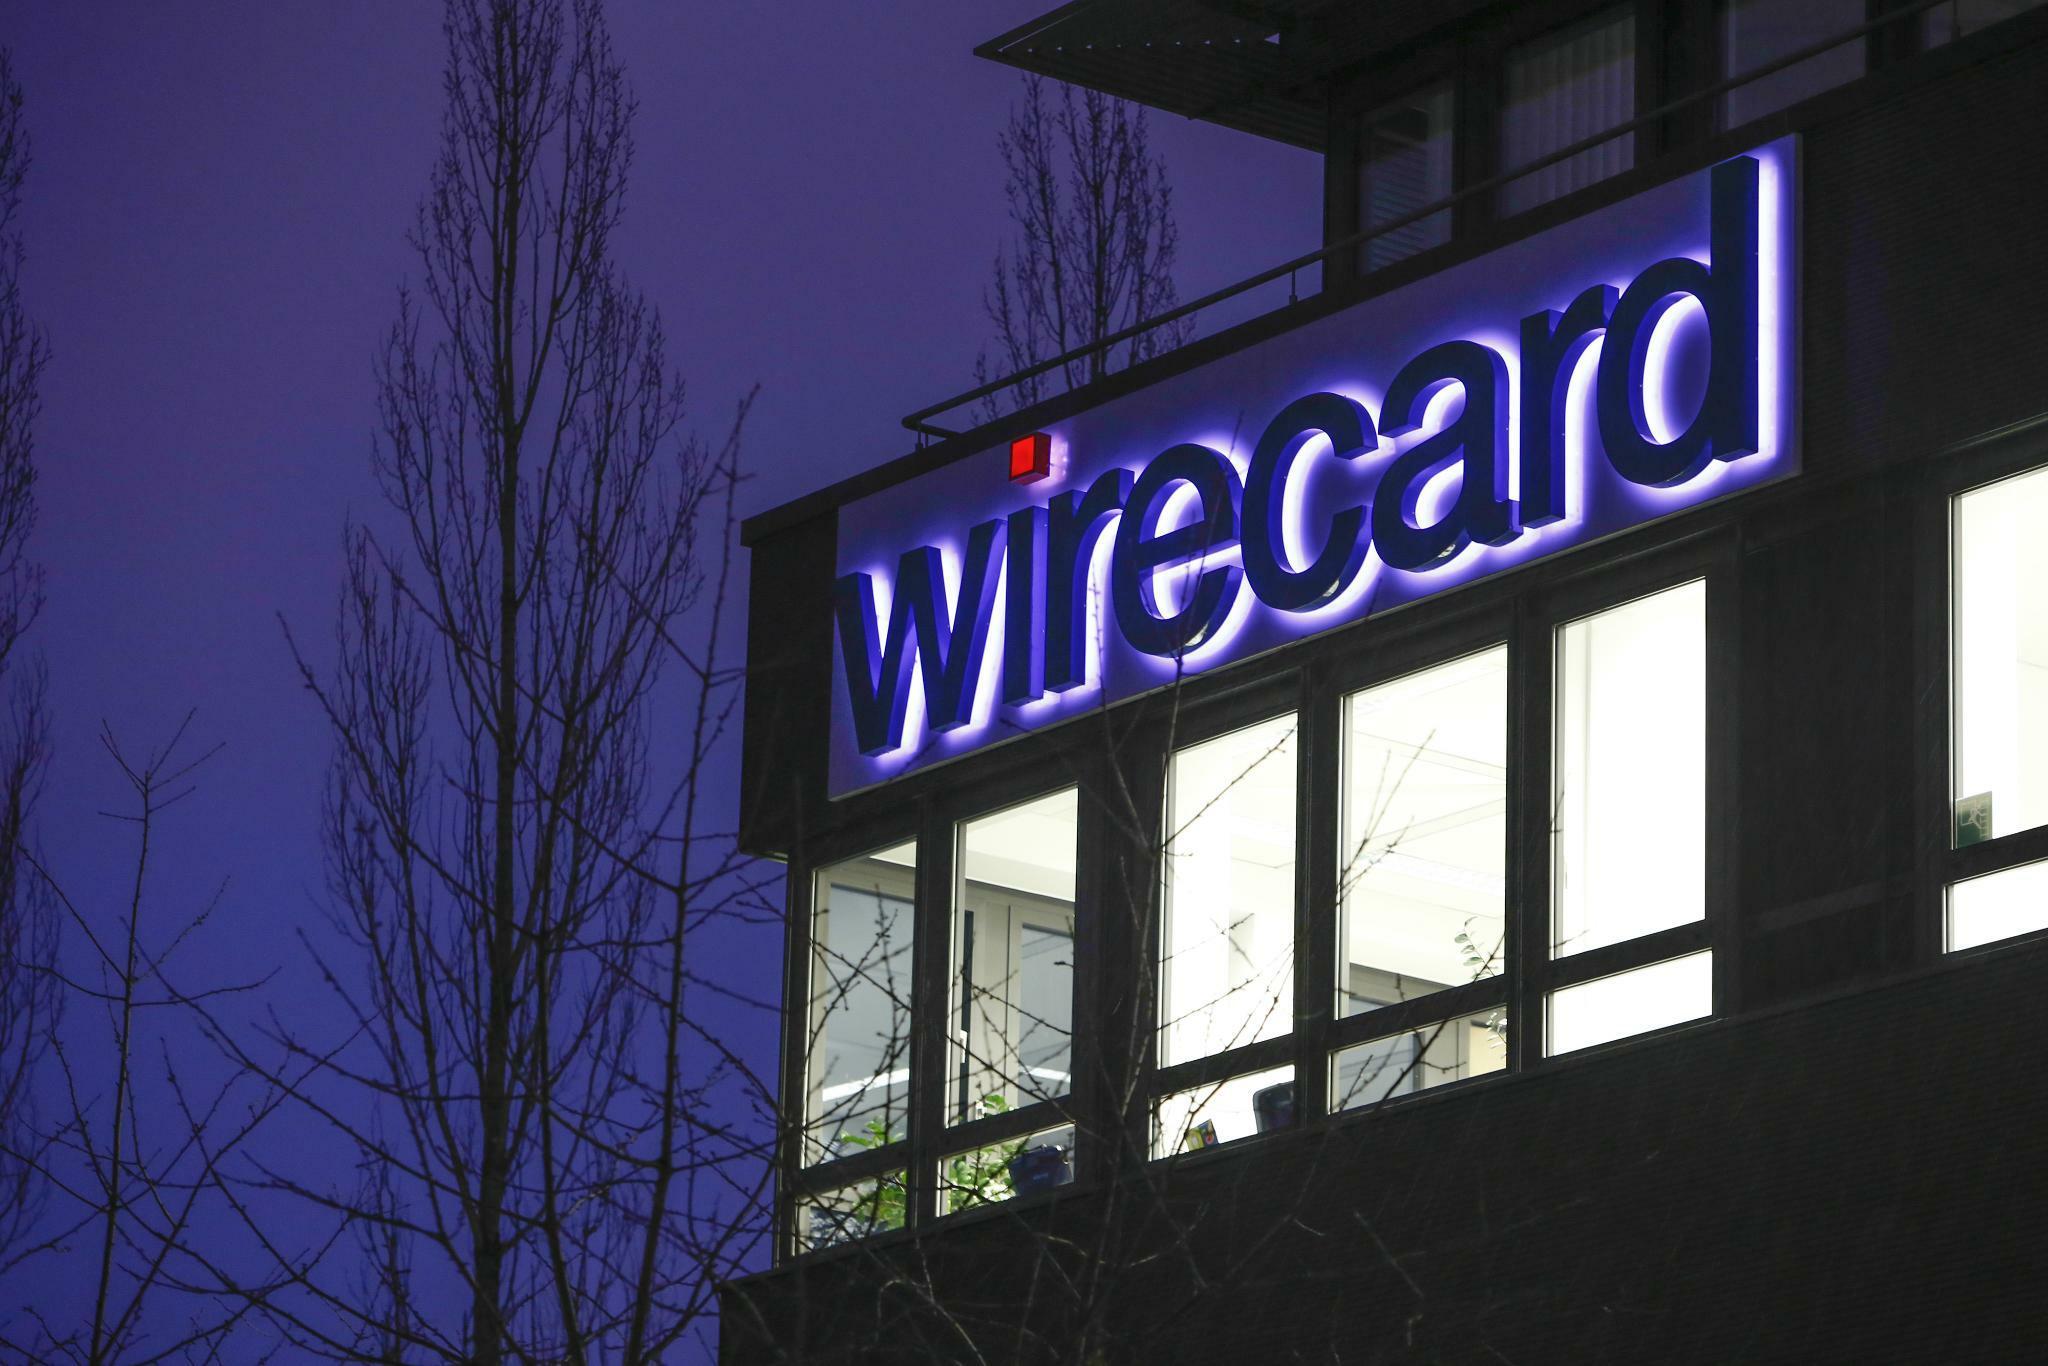 Dax notiert höher – Wirecard-Aktie stürzt ab